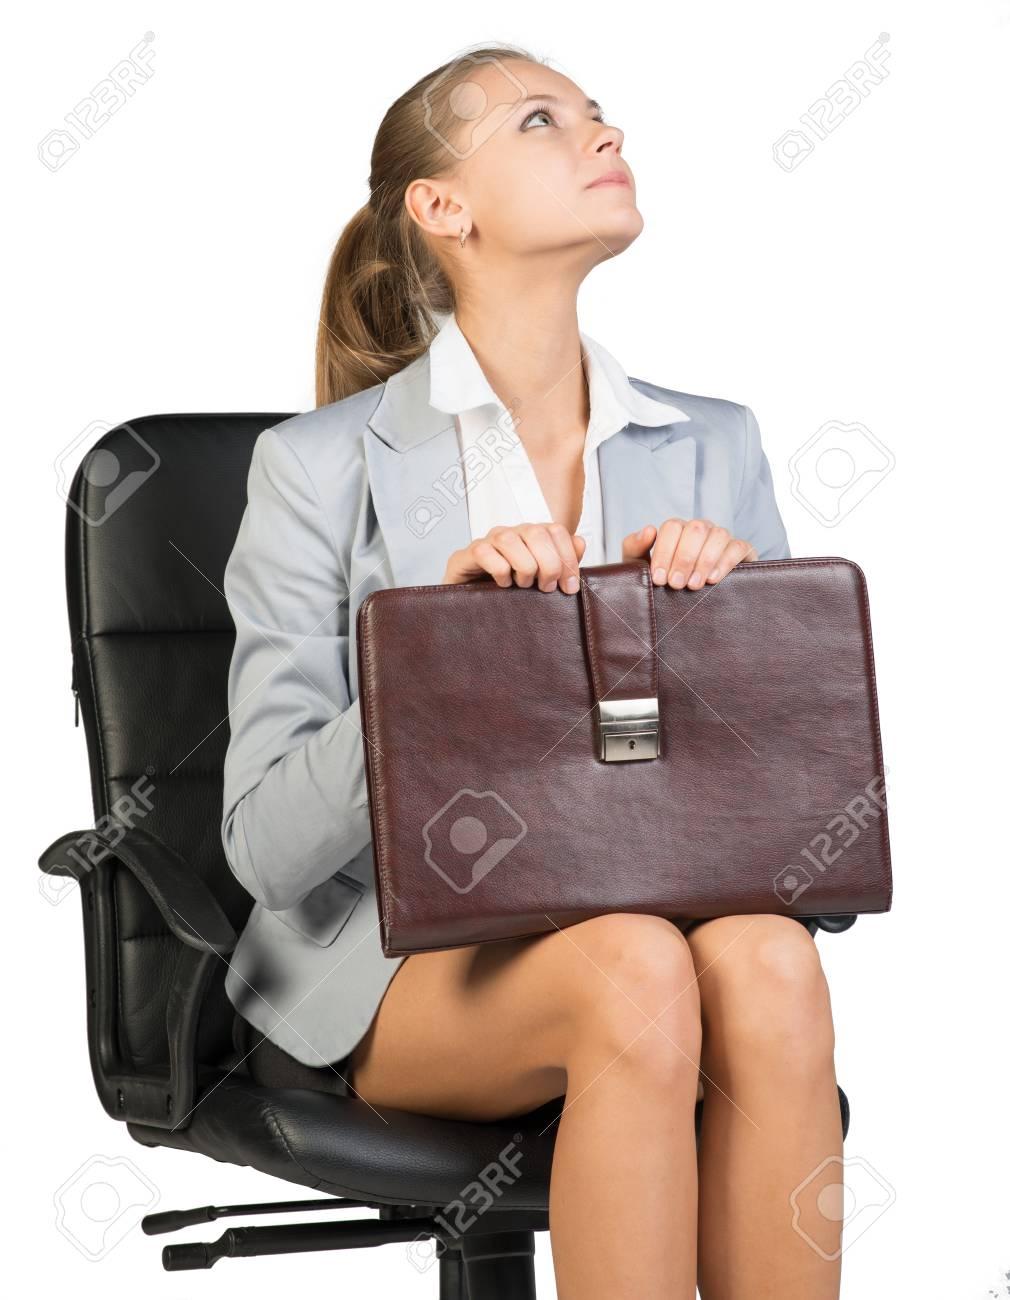 Daffaires Sur La Chaise De Bureau Regardant Vers Le Haut Sa